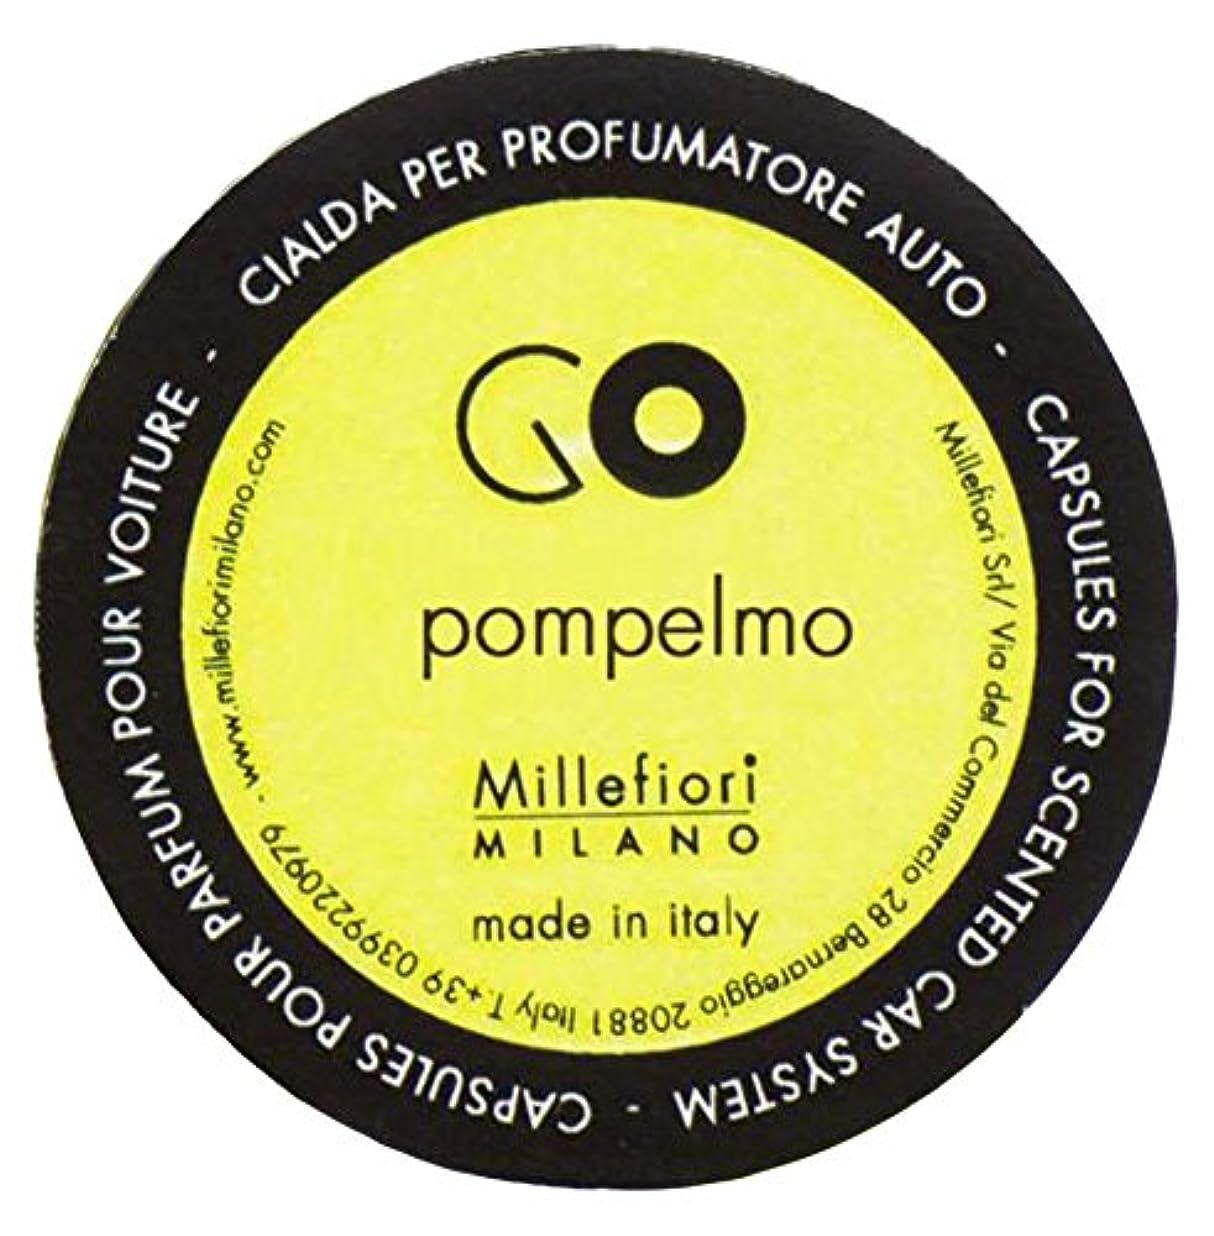 こどもの宮殿こねる若者Millefiori カーエアフレッシュナー GO レフィル グレープフルーツ 1pcs RGPO